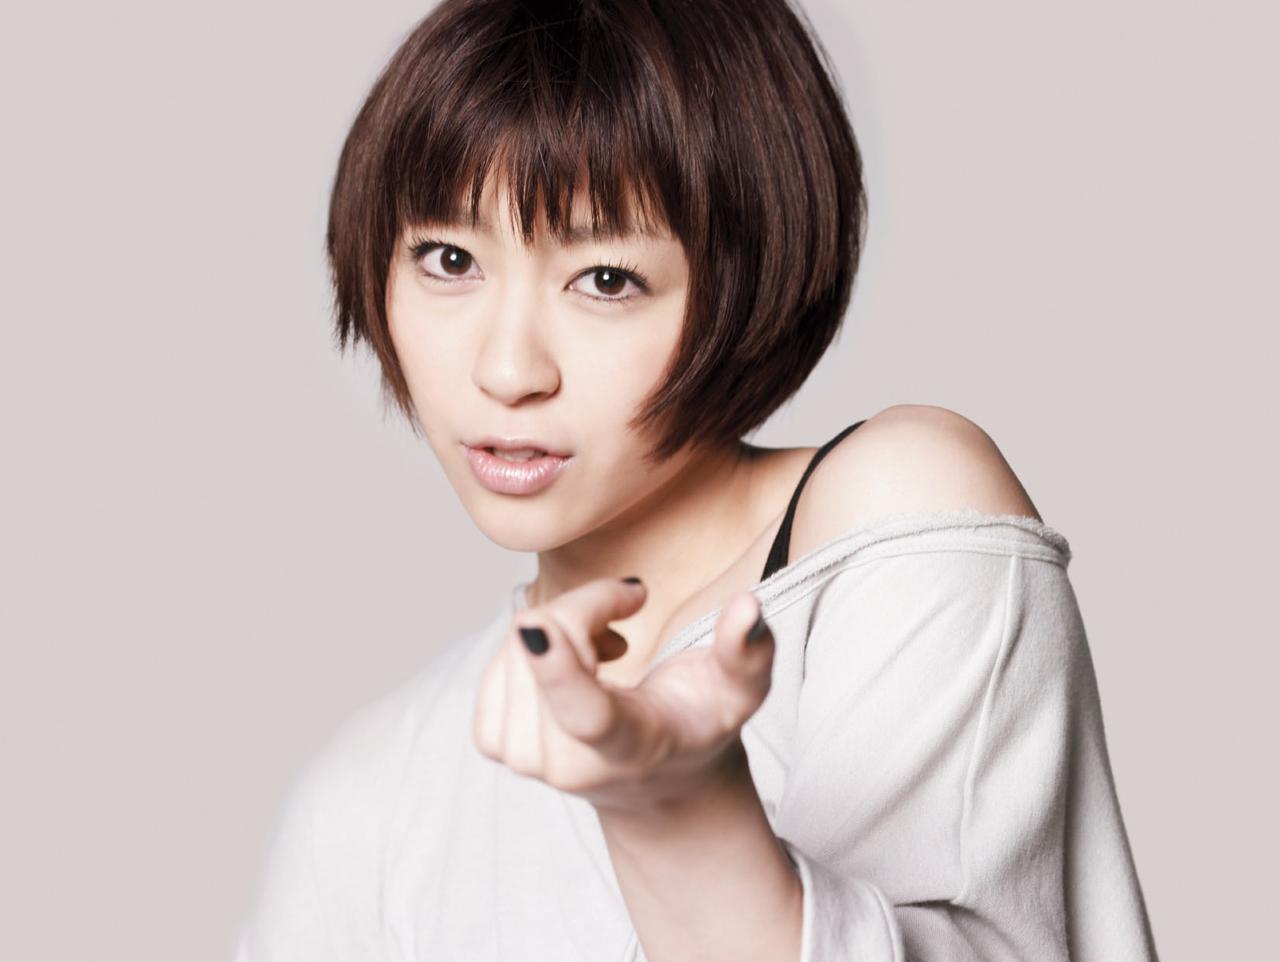 必聴!宇多田ヒカルのカバーアルバムのメンバーが豪華過ぎる!のサムネイル画像